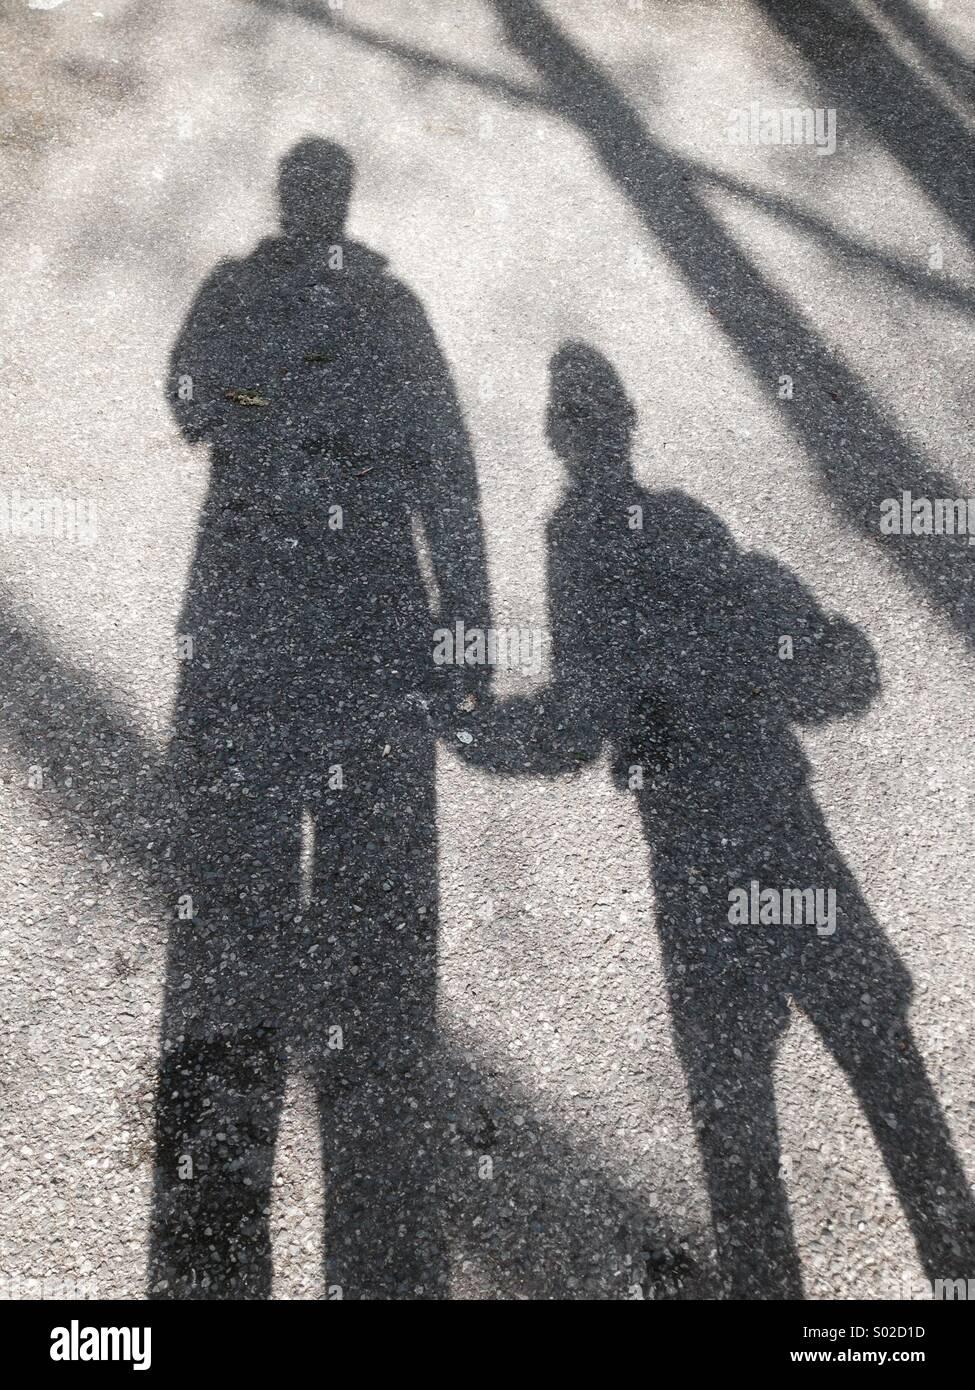 Ombre de l'enfant et le parent, les sexes ne sont pas clairs pourraient être soit père mère fils Photo Stock